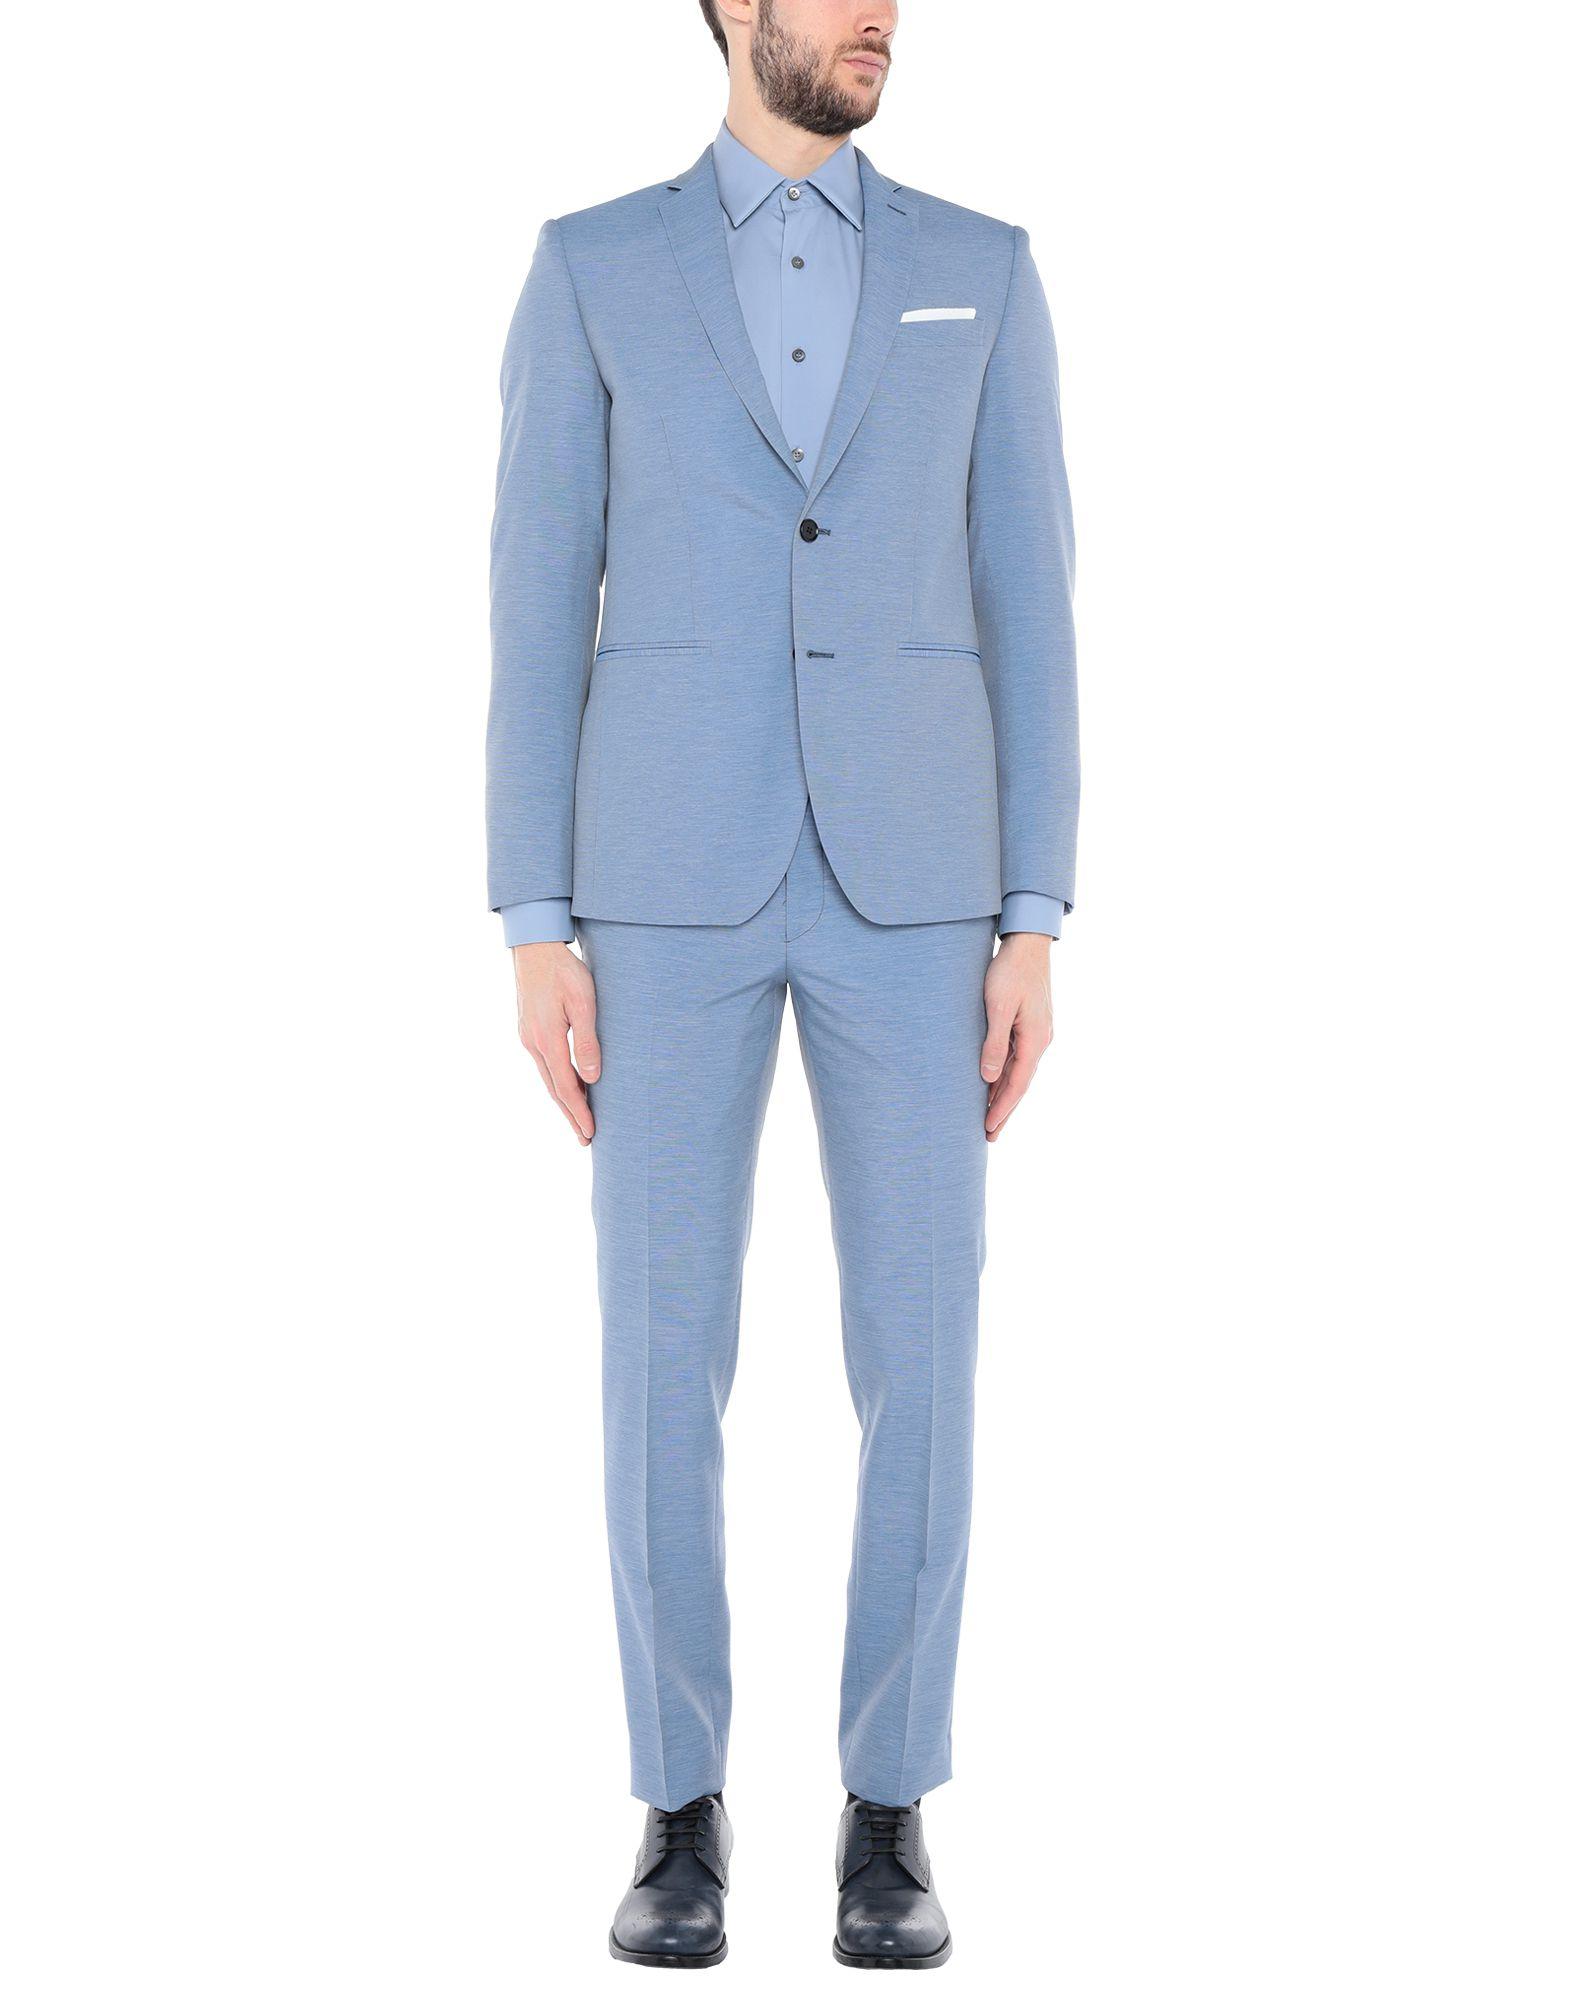 《セール開催中》CITY TIME メンズ スーツ スカイブルー 48 ポリエステル 100%